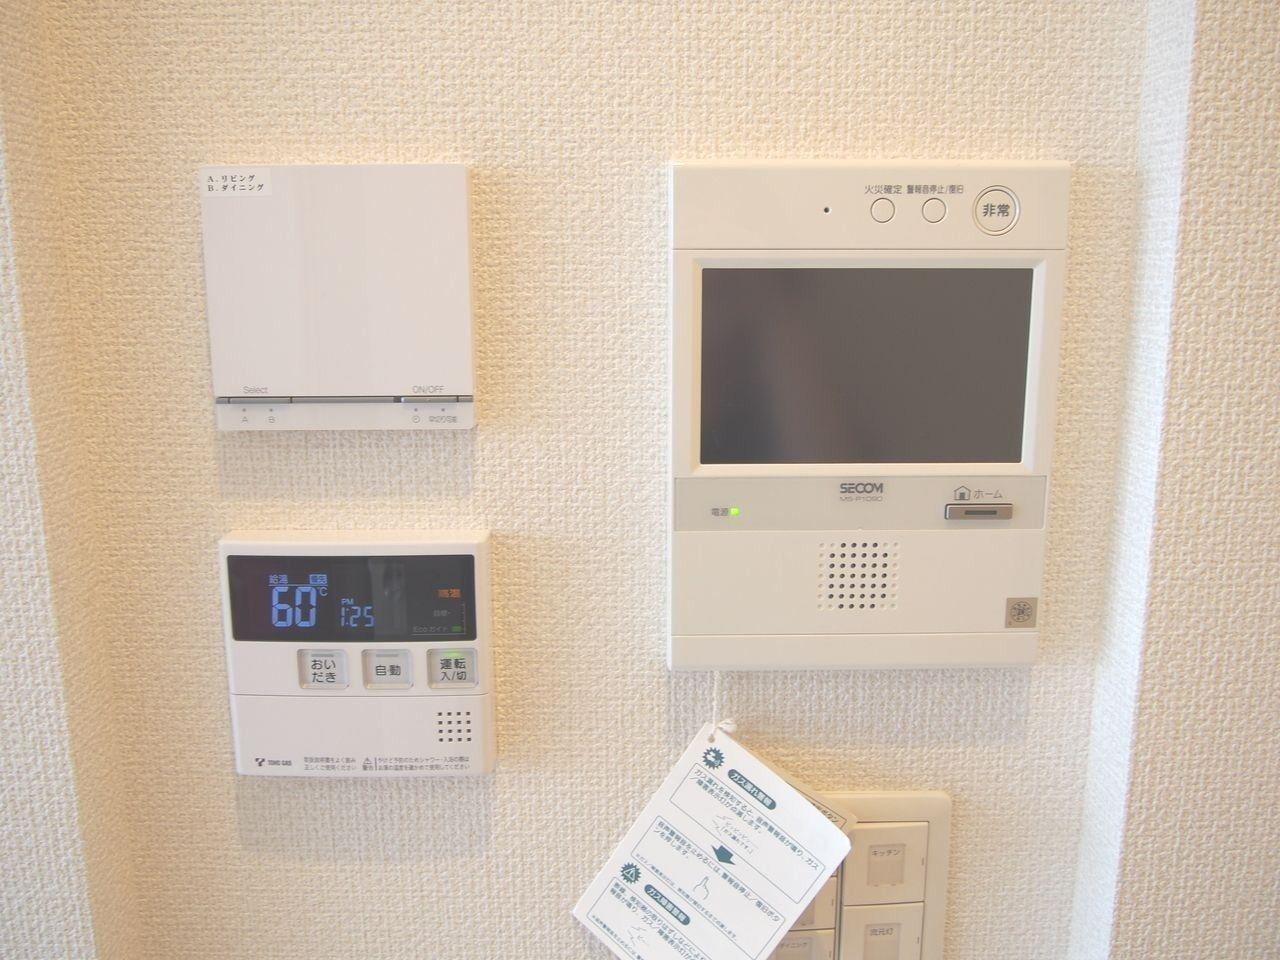 カラーモニターTVドアホン・床暖房リモコン・給湯器リモコンを壁の中にすっきりとビルトイン